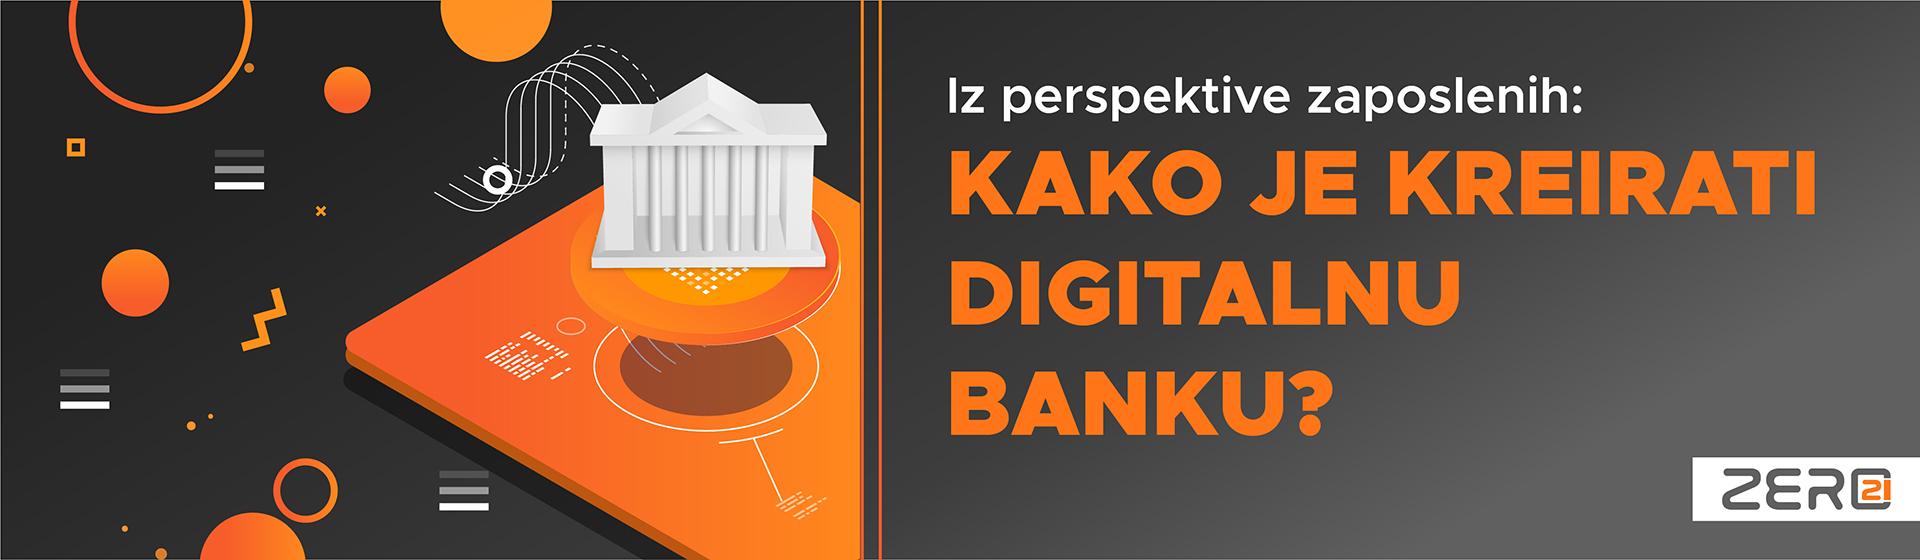 Iz perspektive zaposlenih: kako je kreirati digitalnu banku?